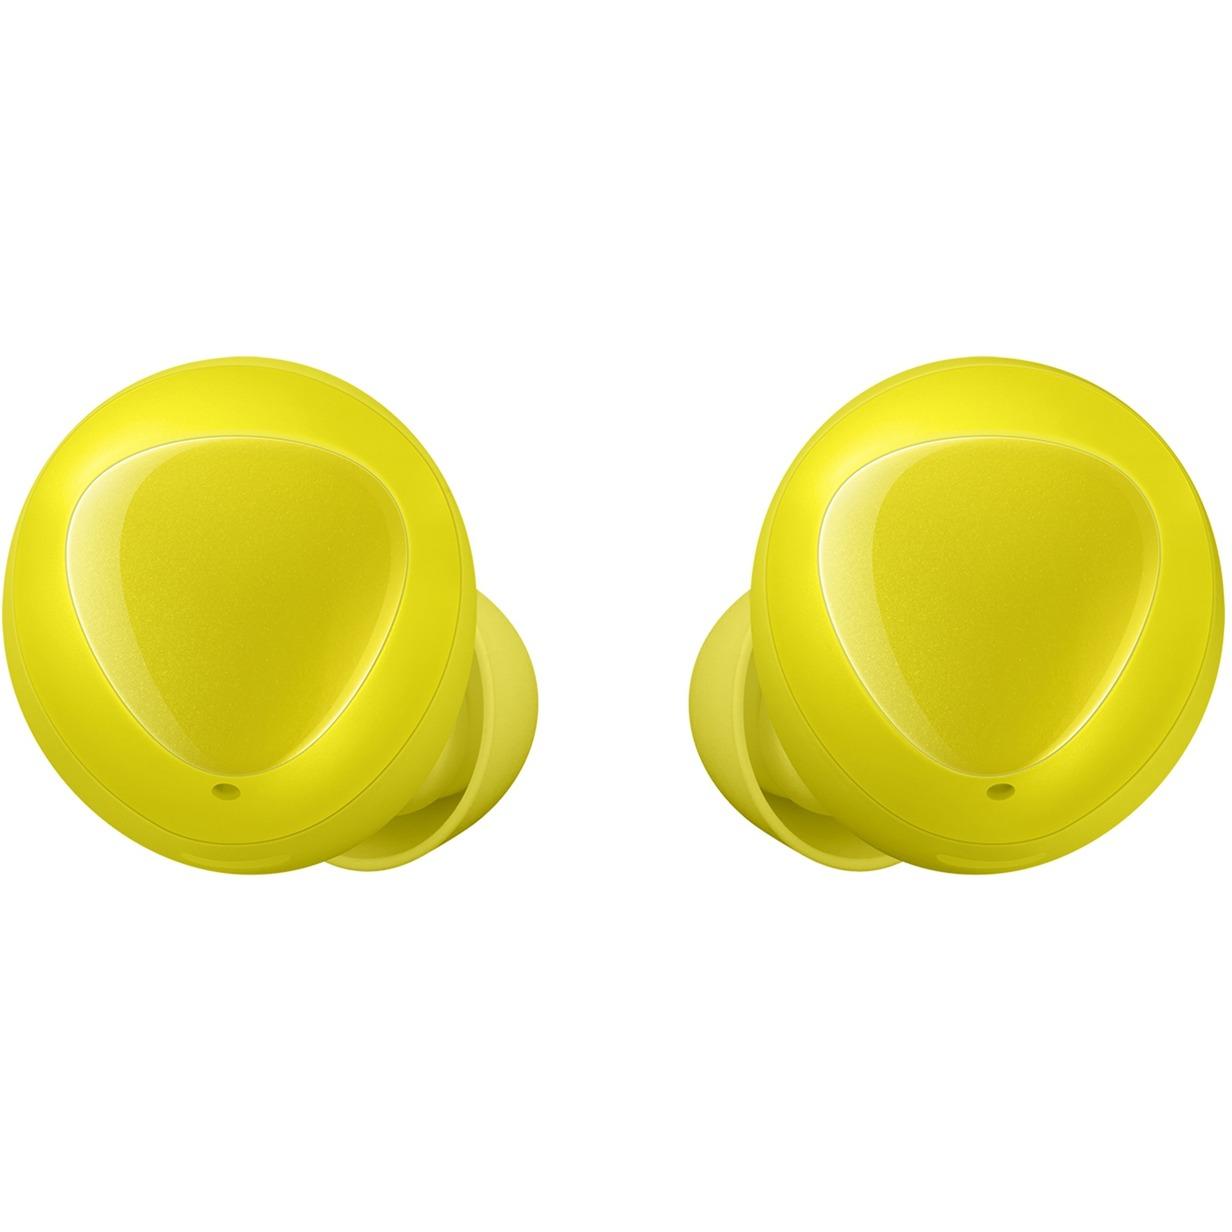 Galaxy Buds auriculares para móvil Binaural Dentro de oído Amarillo